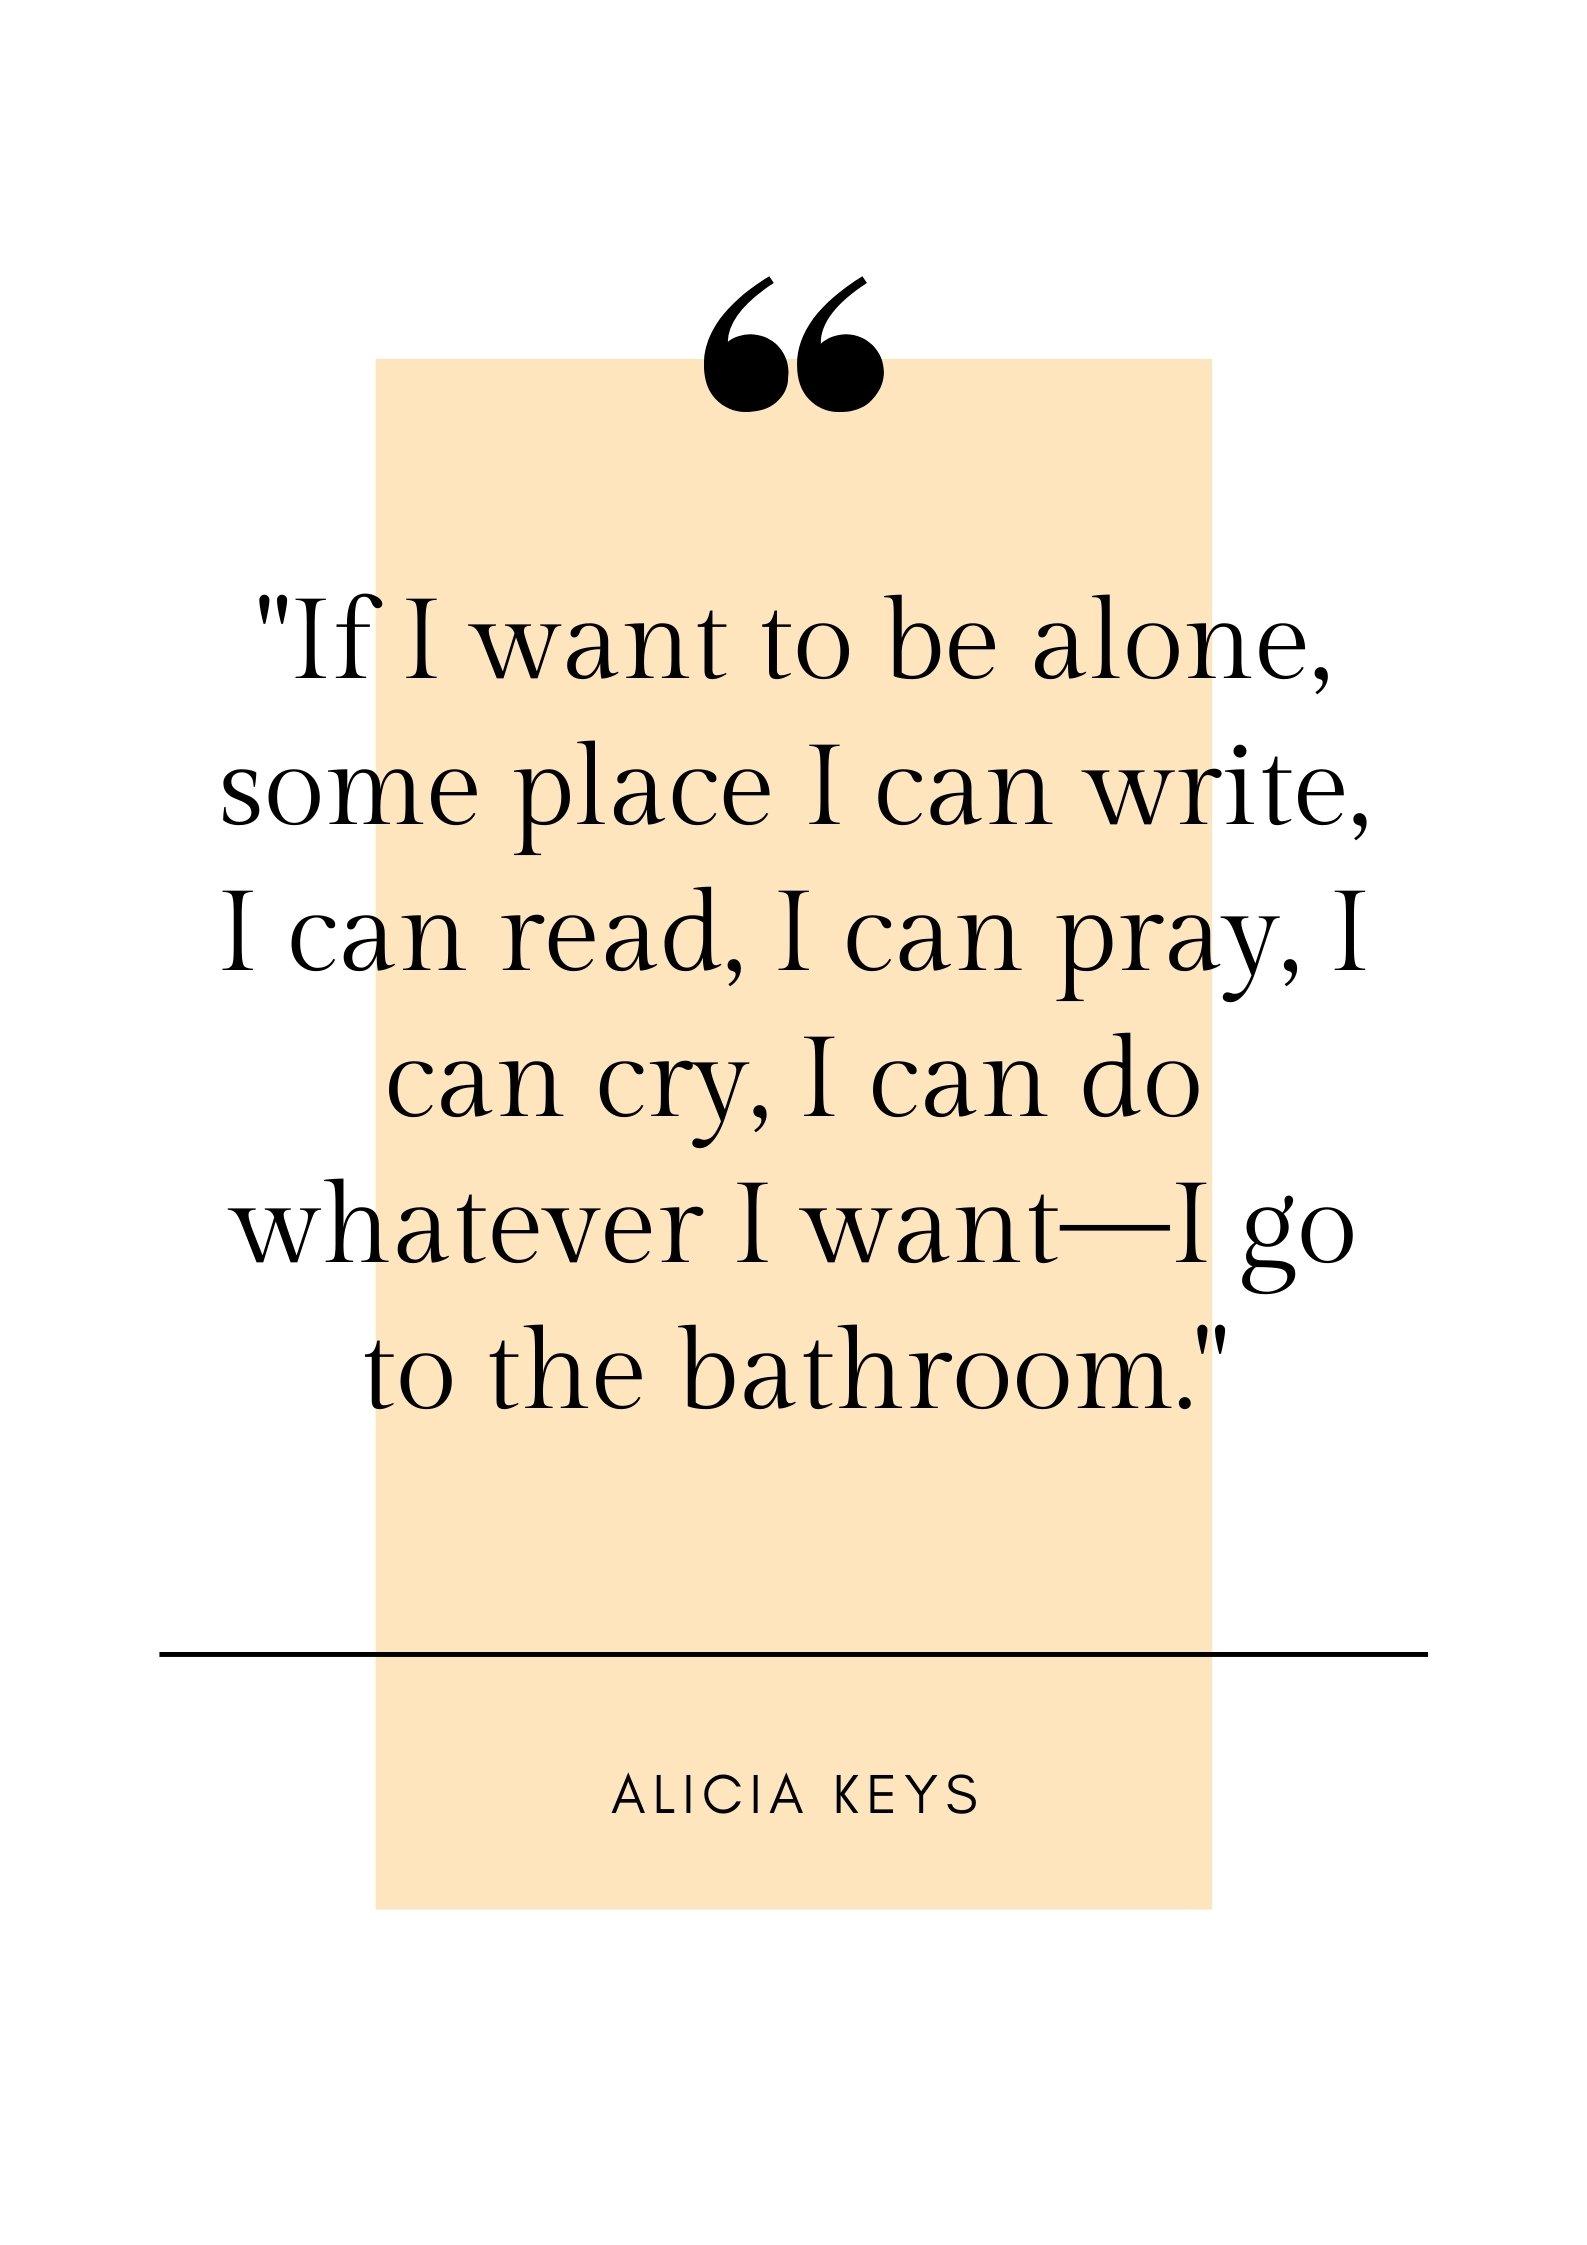 alicia keys quote